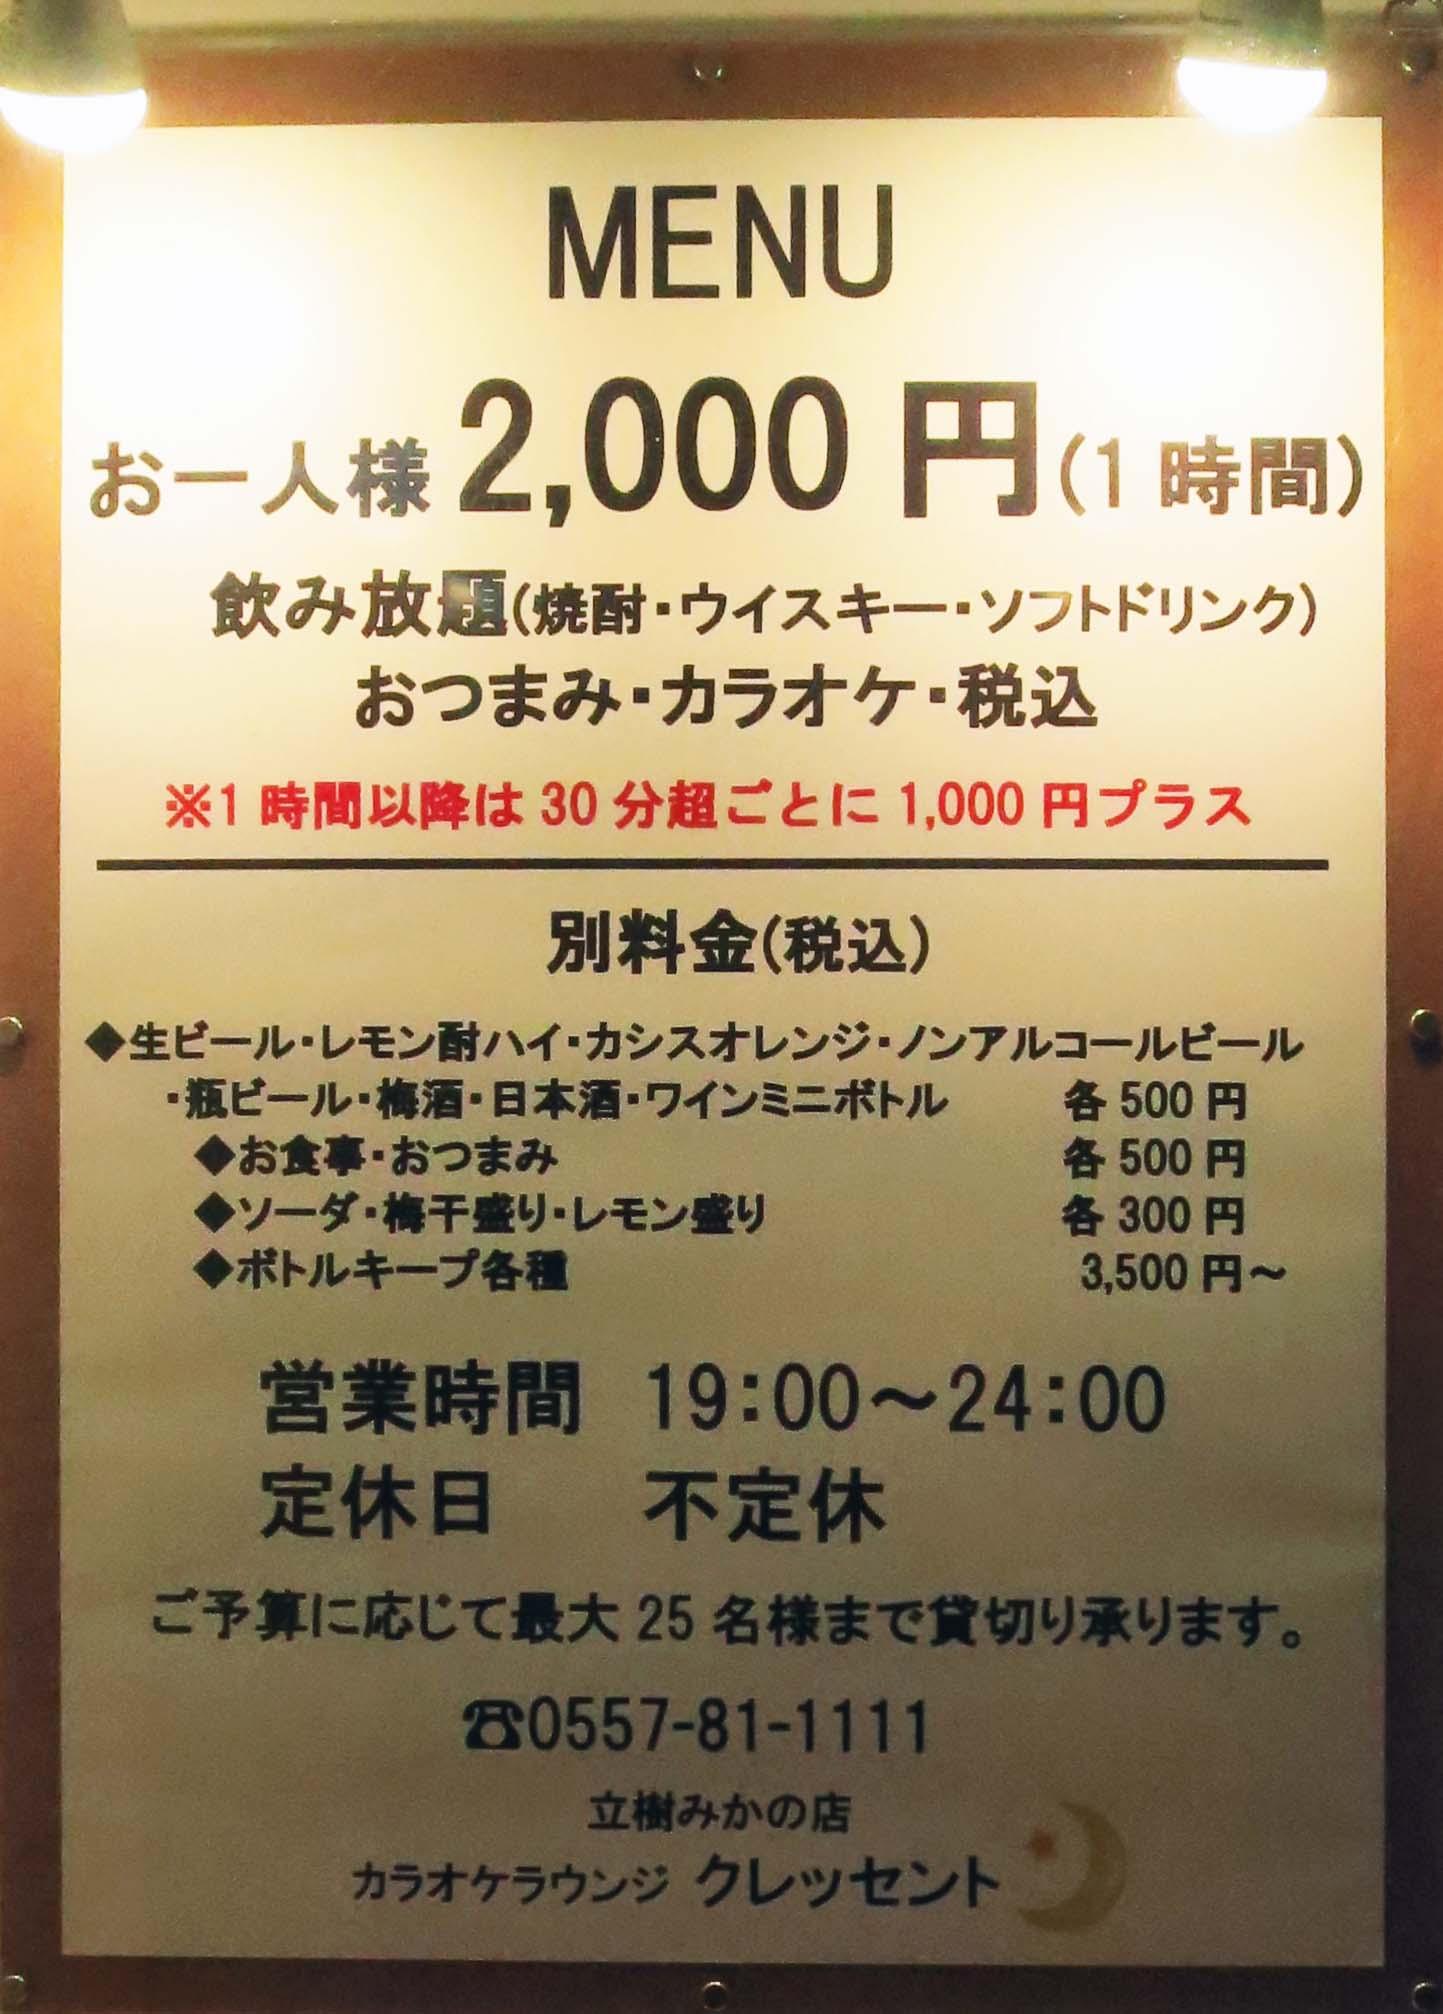 立樹みかの店・カラオケラウンジ・クレッセント来店!_b0083801_23325236.jpg